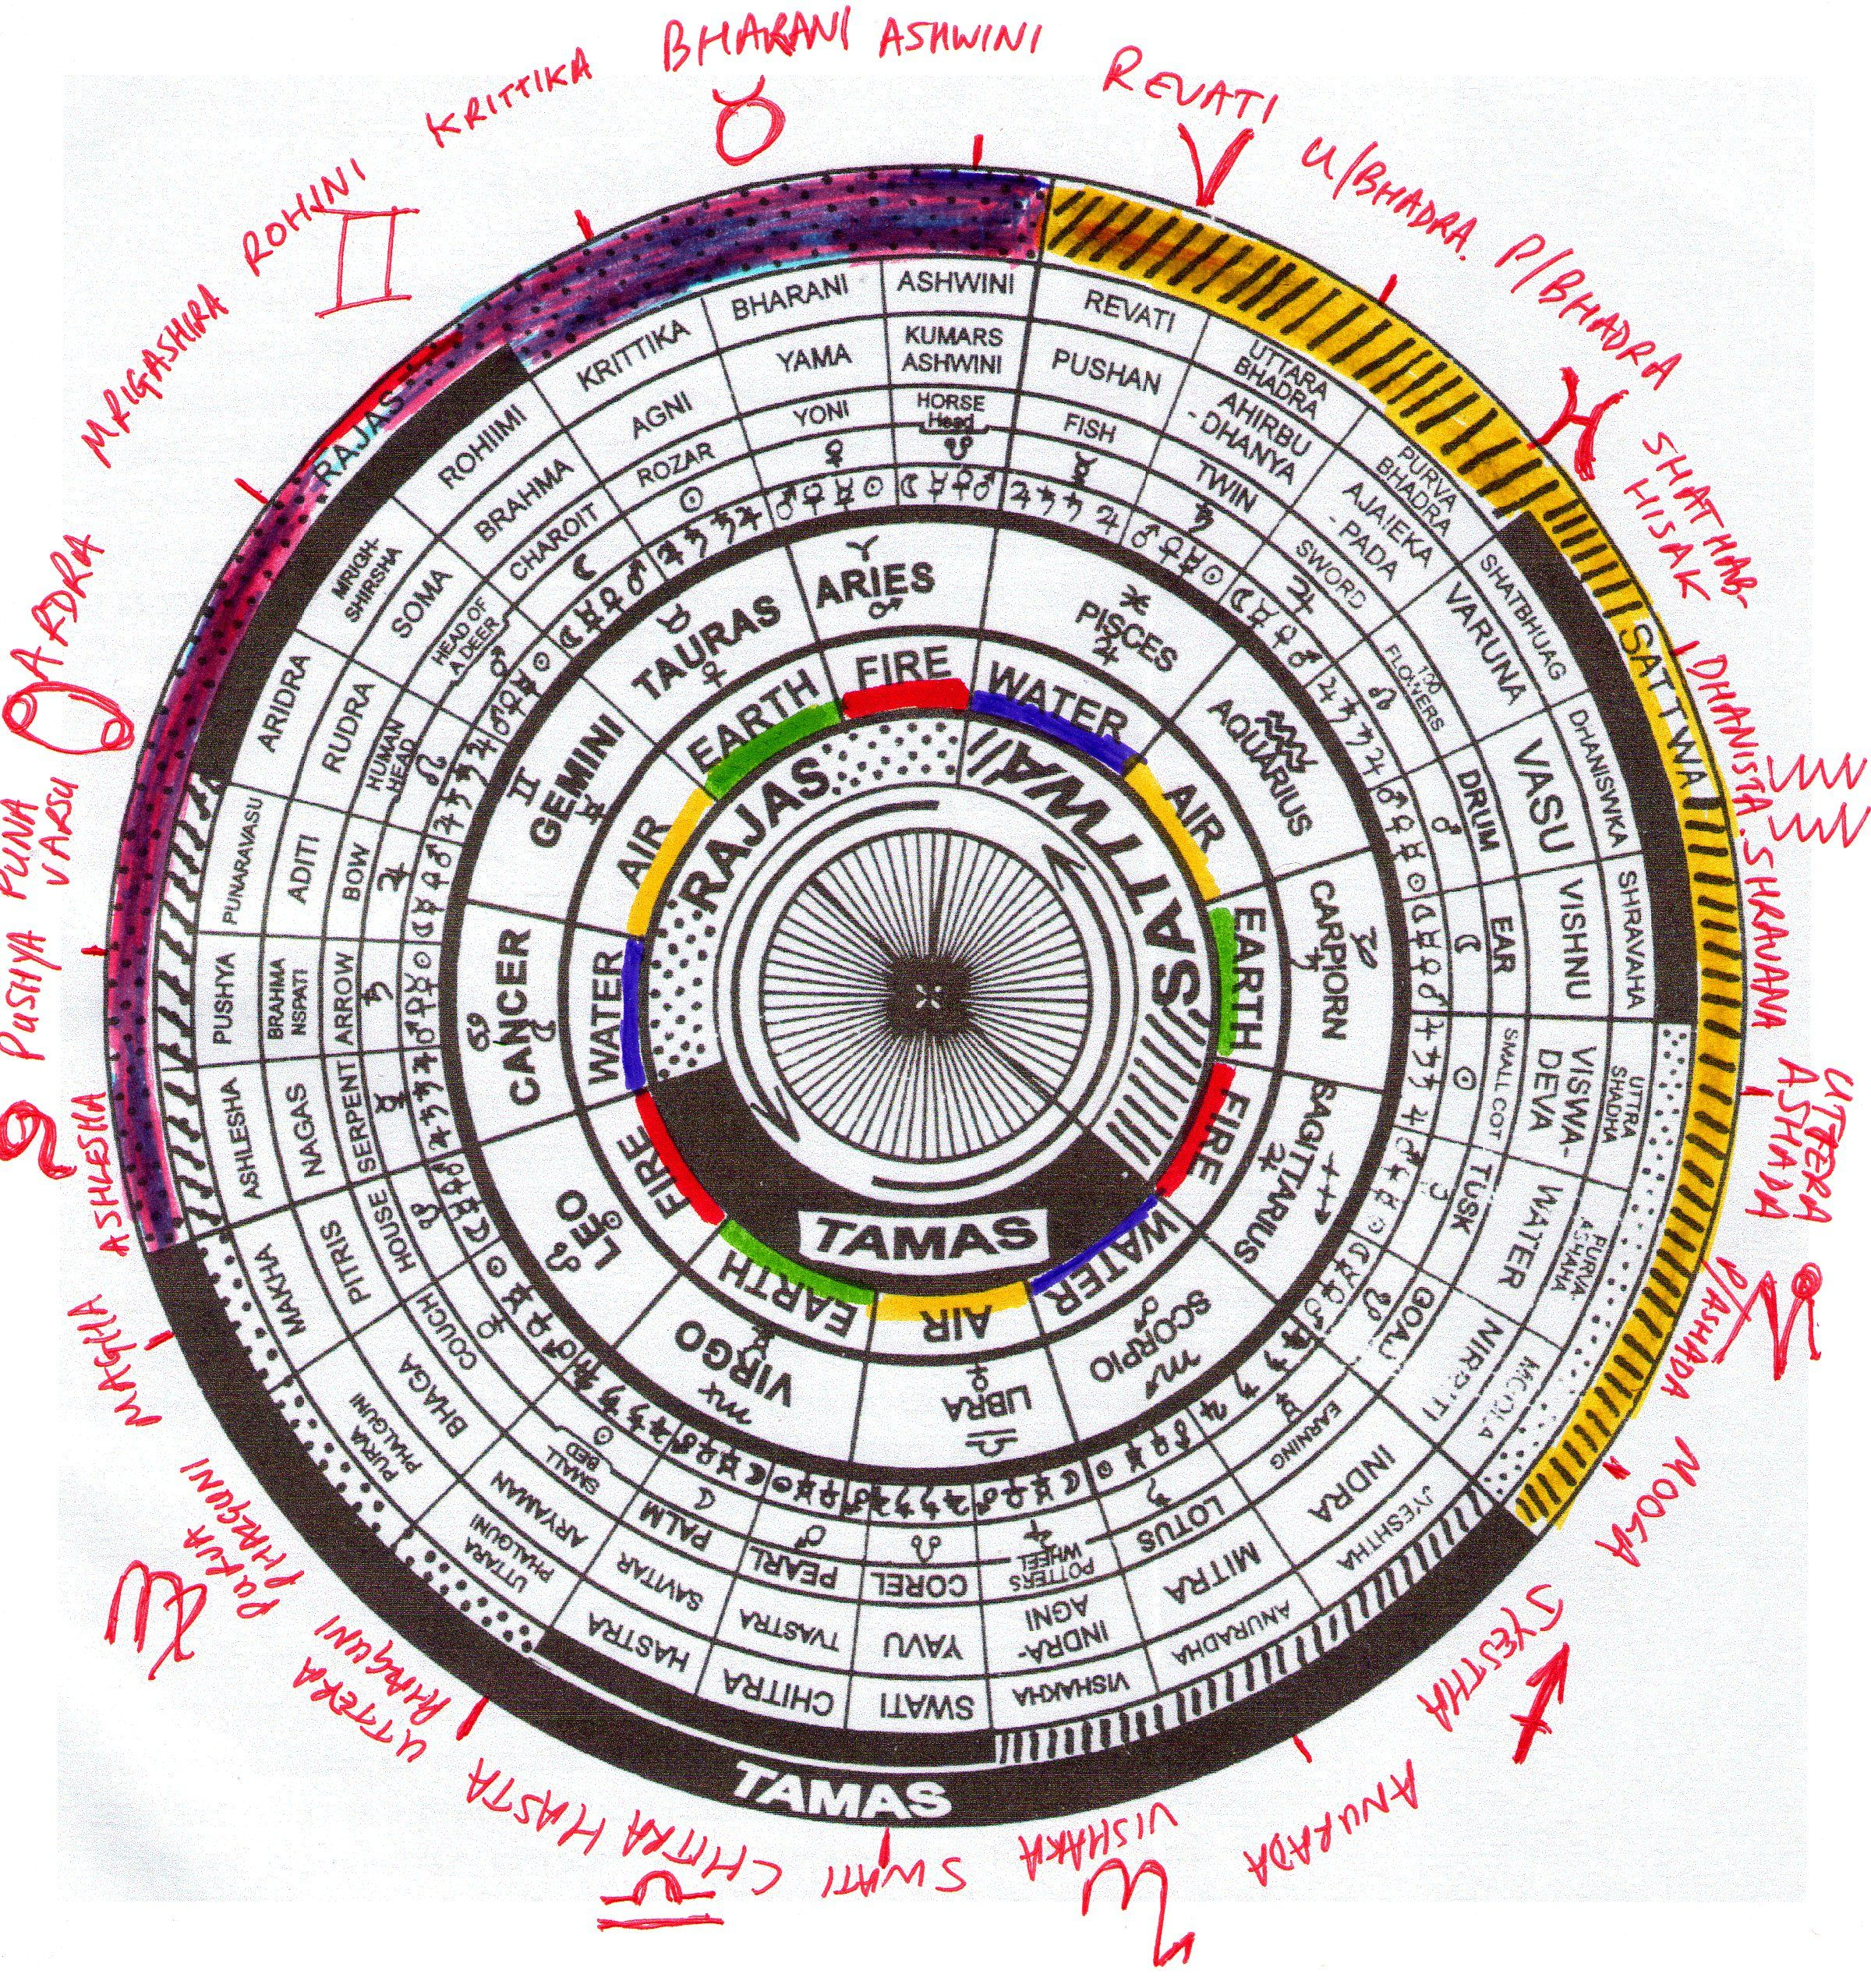 The Lunar Mansions, Or Nakshatras Of Vedic Astrology   Vedic